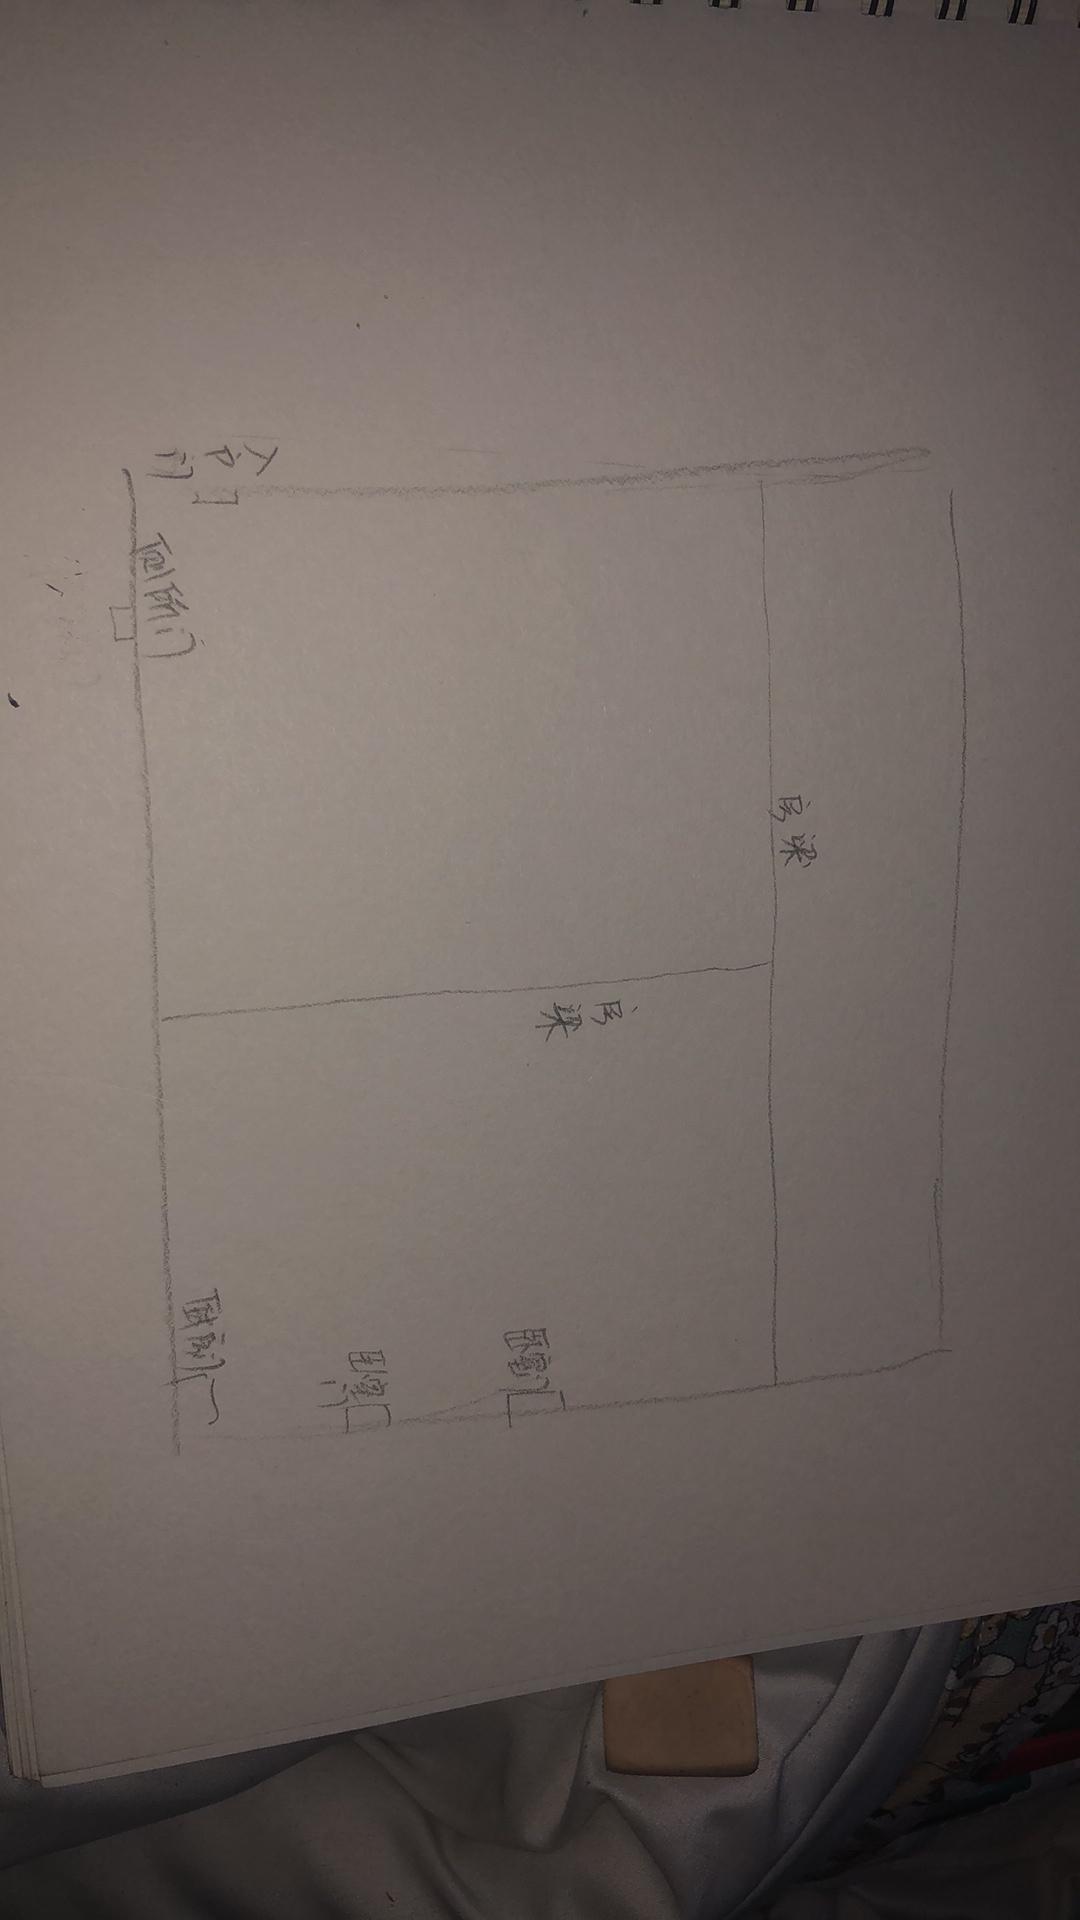 求房梁装修方案